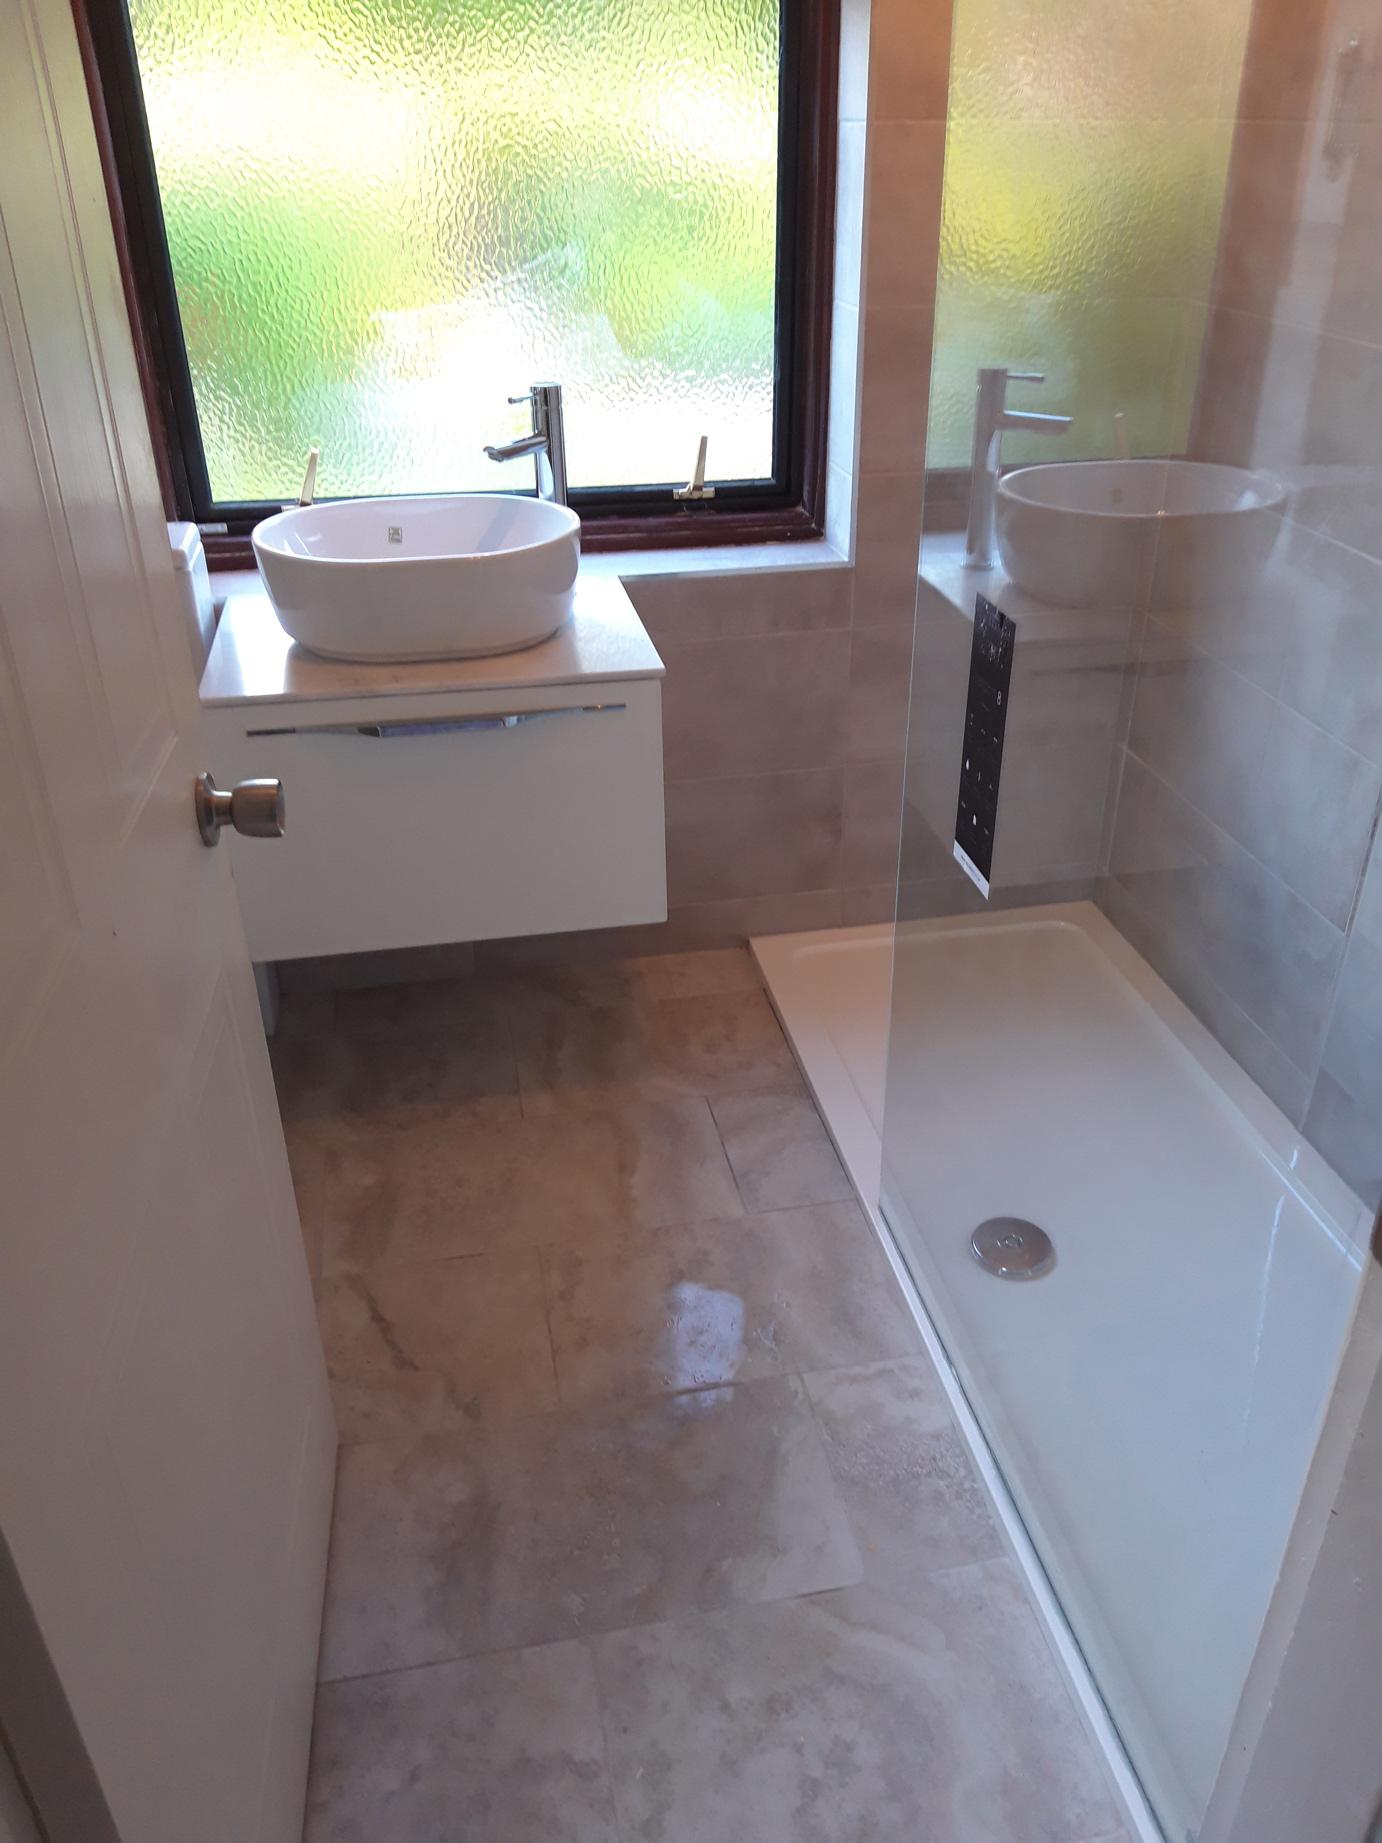 shower-room-&-sink-tiles